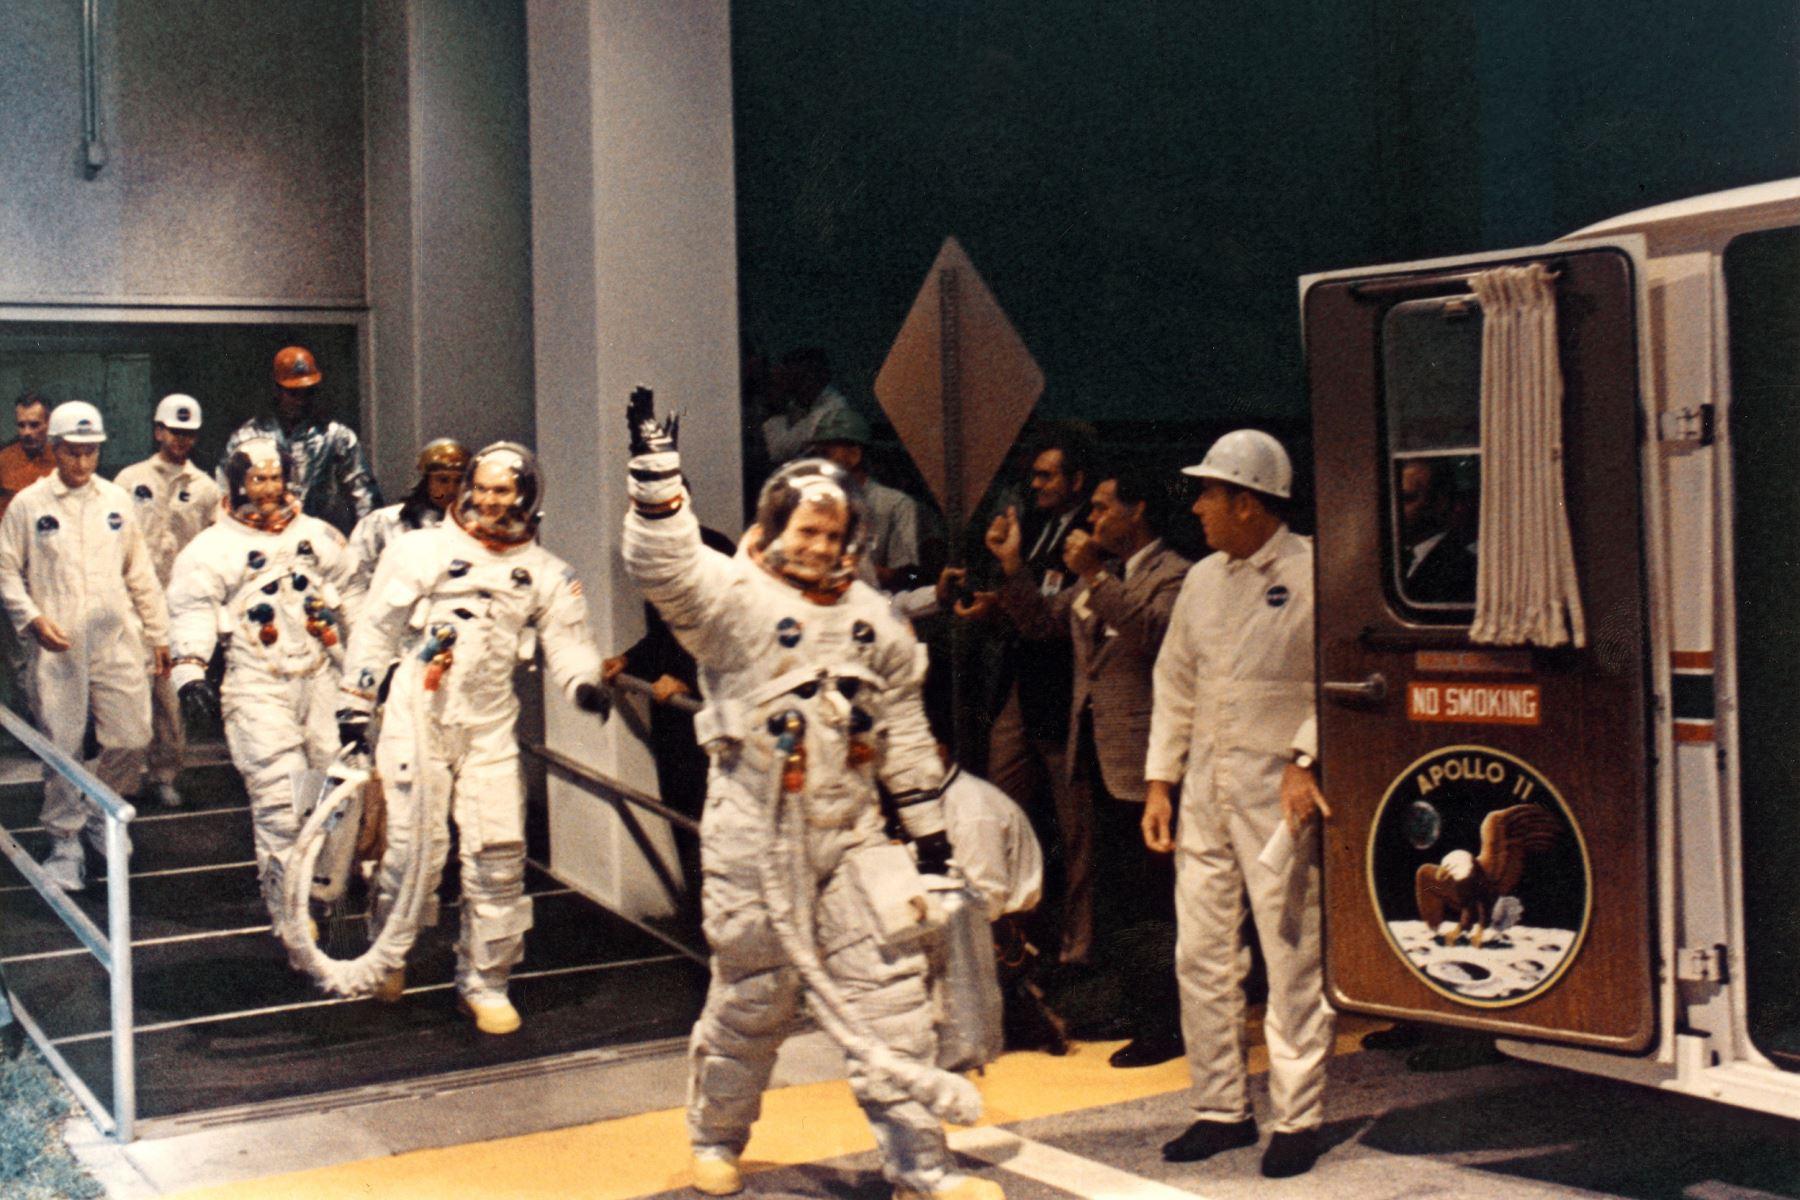 Imagen de los tripulantes de la misión de aterrizaje lunar del Apolo XI (Neil A. Armstrong, Michael Collins y Edwin E. Aldrin) que abandonaron el Centro Espacial Kennedy durante la cuenta regresiva antes del lanzamiento, el 16 de julio de 1969. Foto: AFP